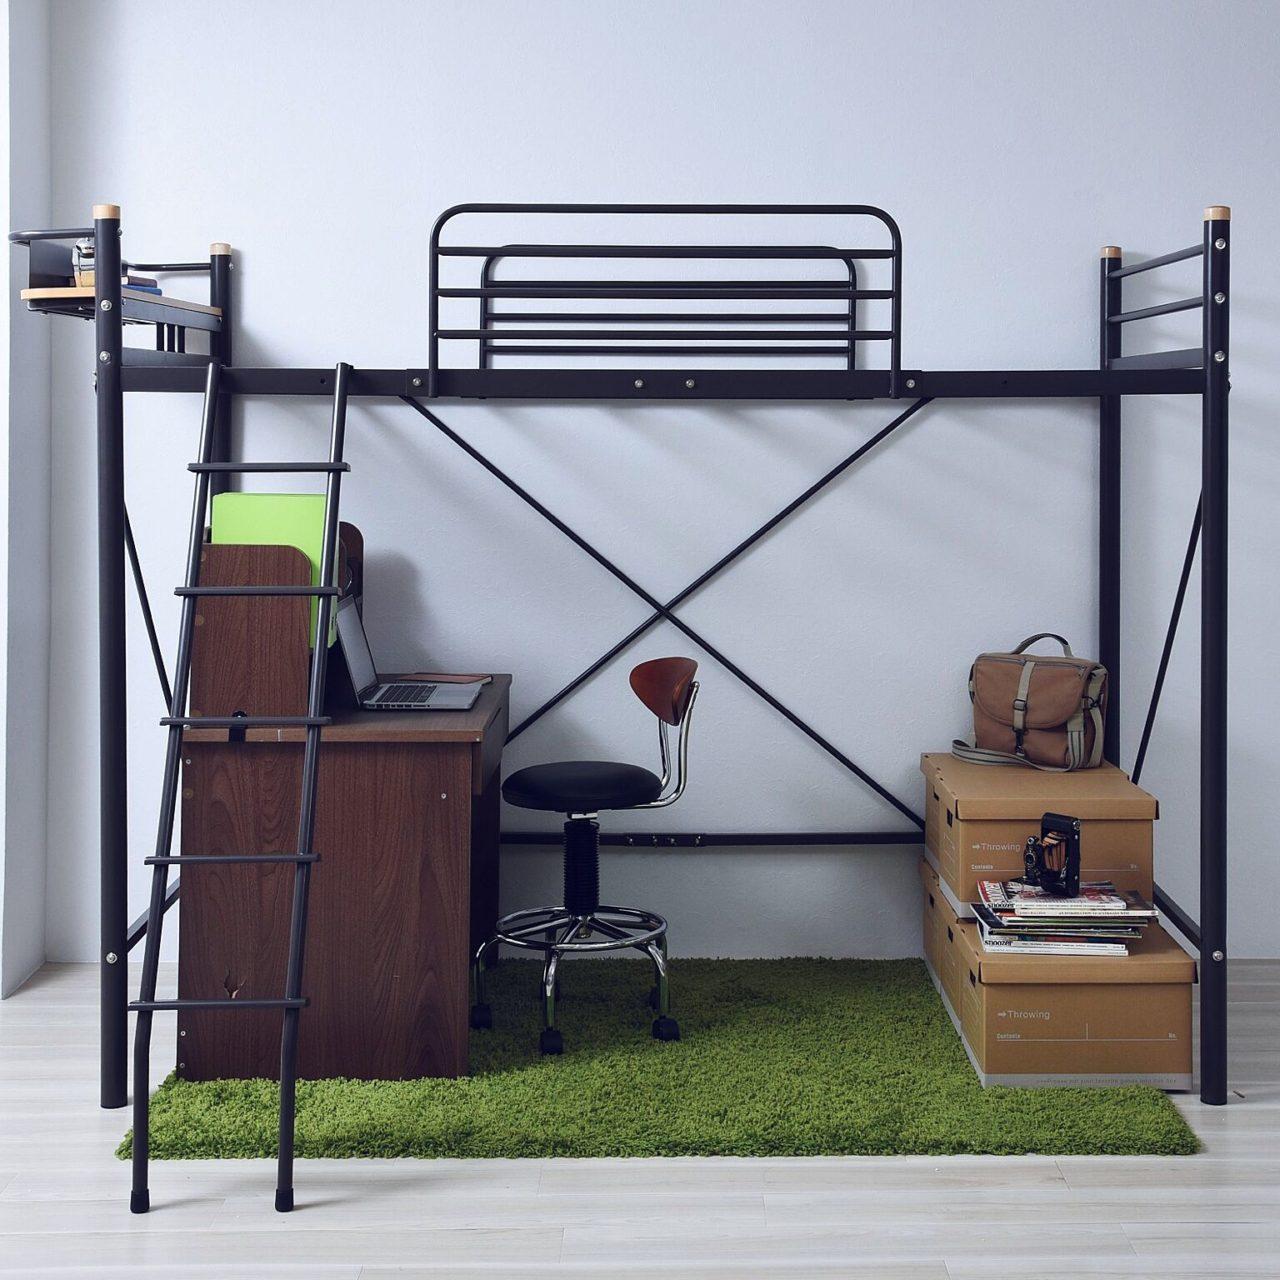 その他で、Otherの山善/子供部屋/ひとり暮らし/ロフトベッド/ベッド周りについてのインテリア実例を紹介。